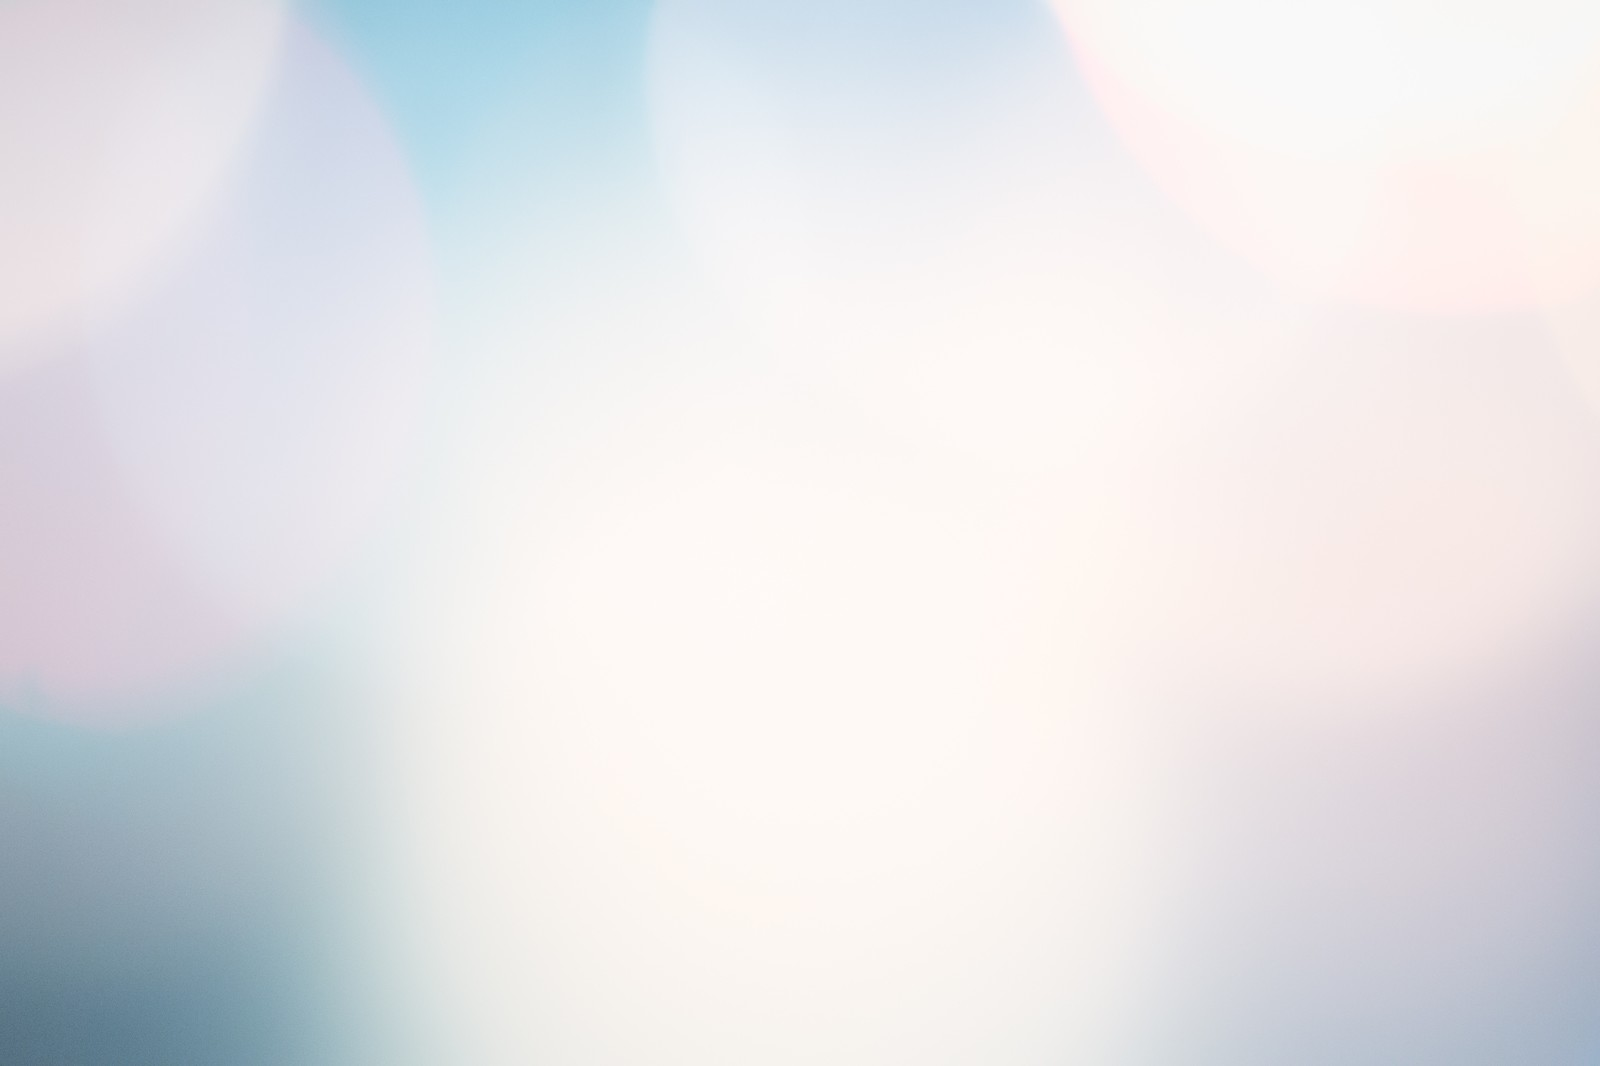 「青く光るフレア」の写真